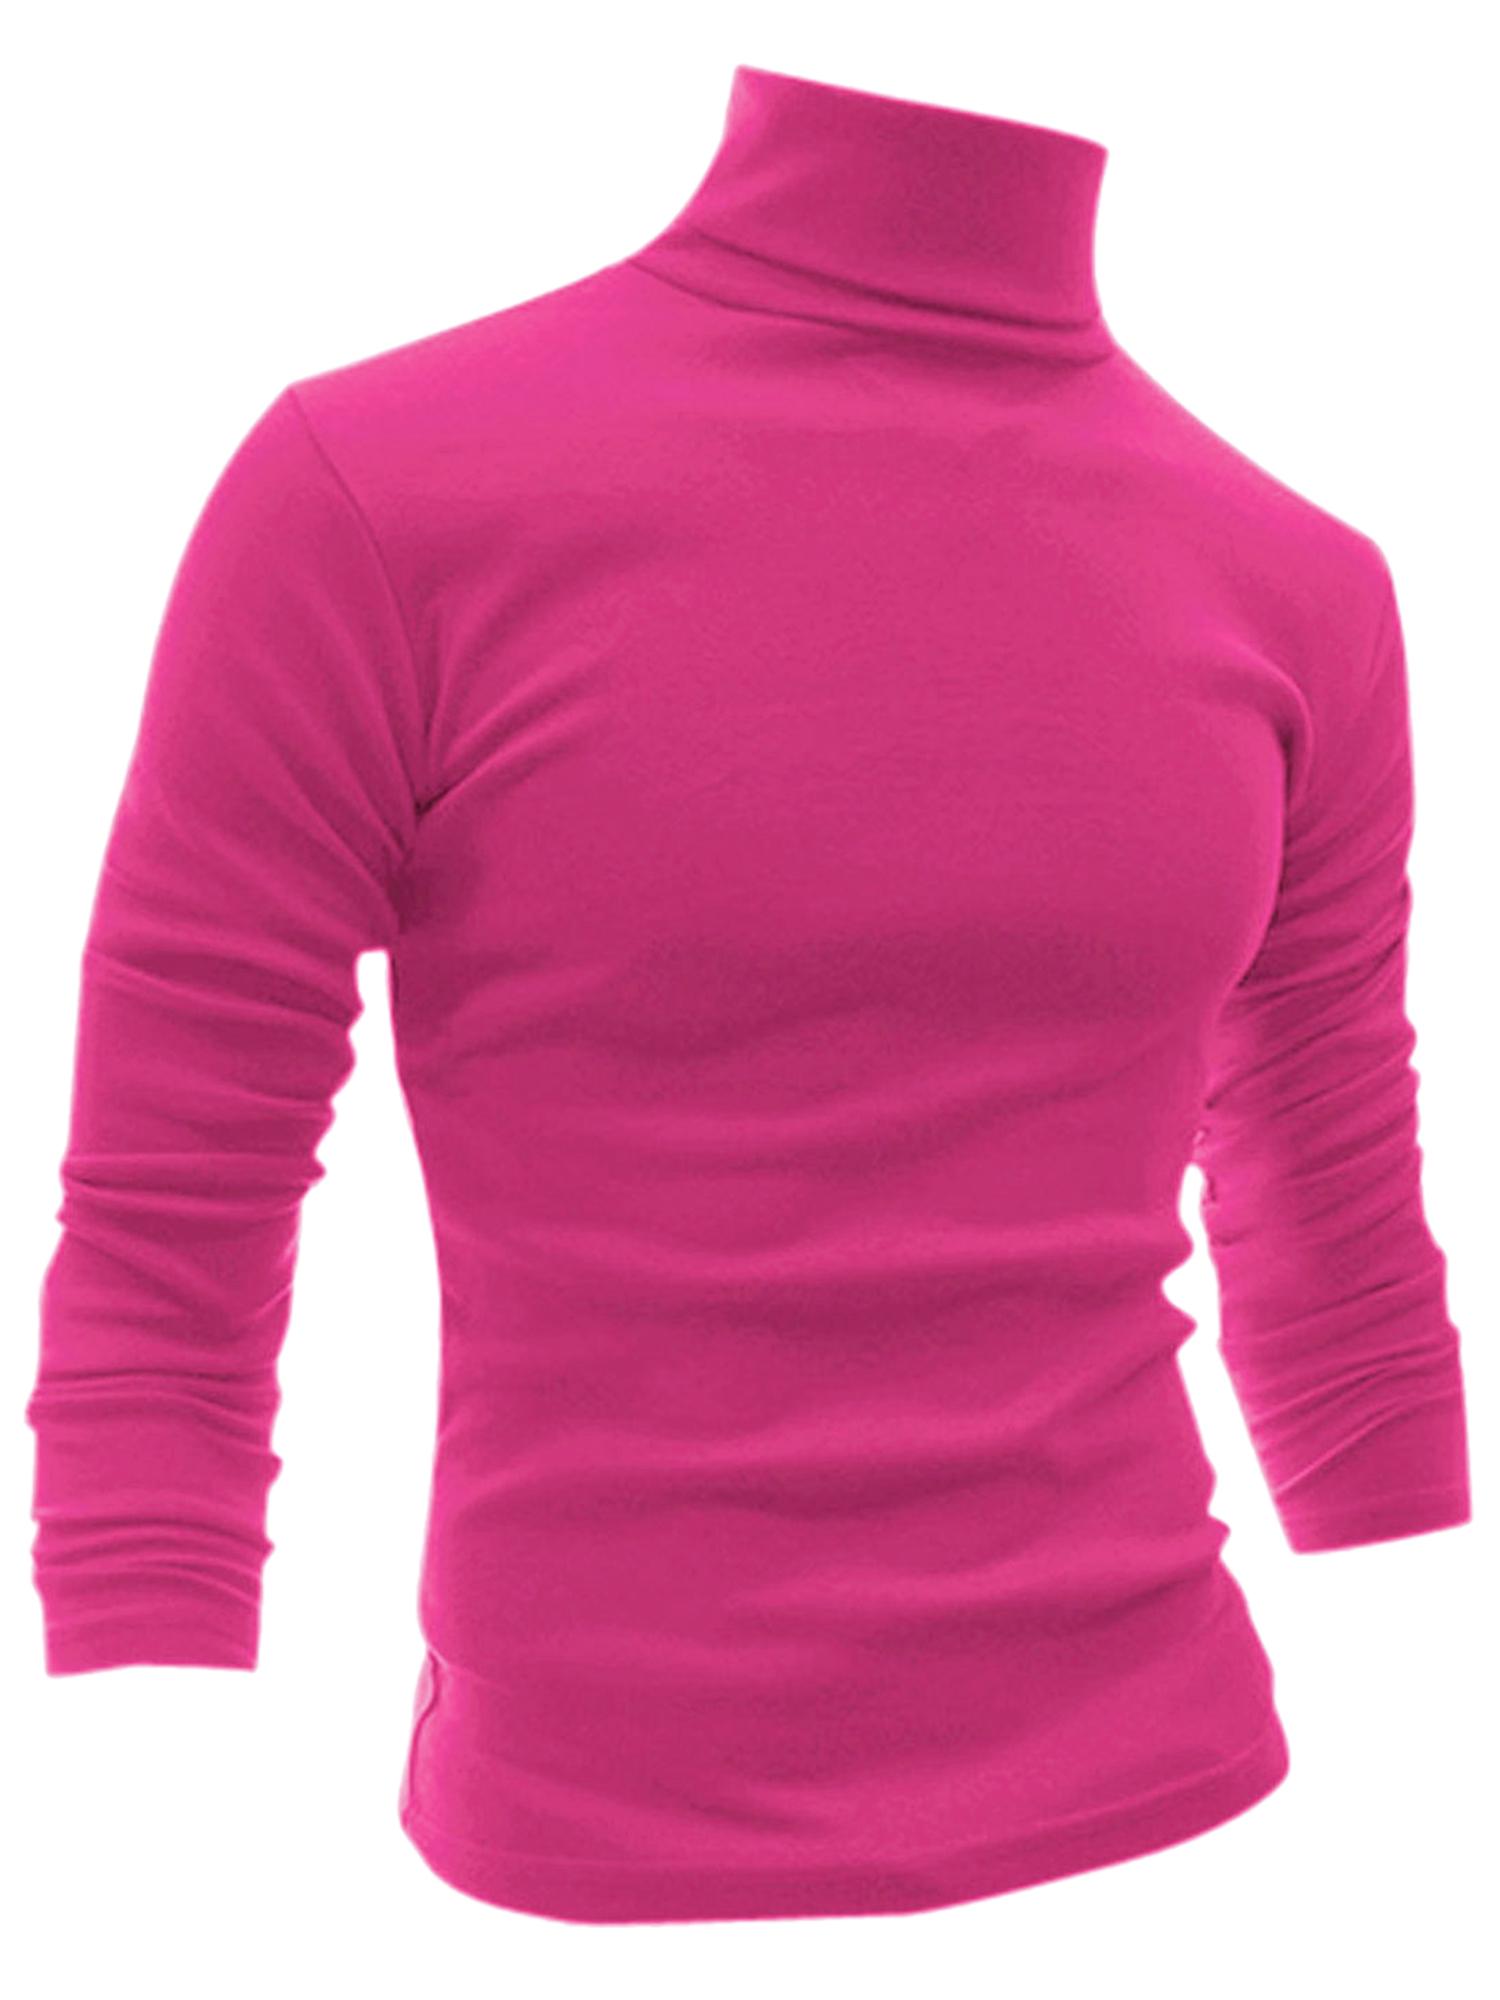 Men Slim Fit Pullover Tops Turtleneck T-shirt Rose Red L L (US 42)